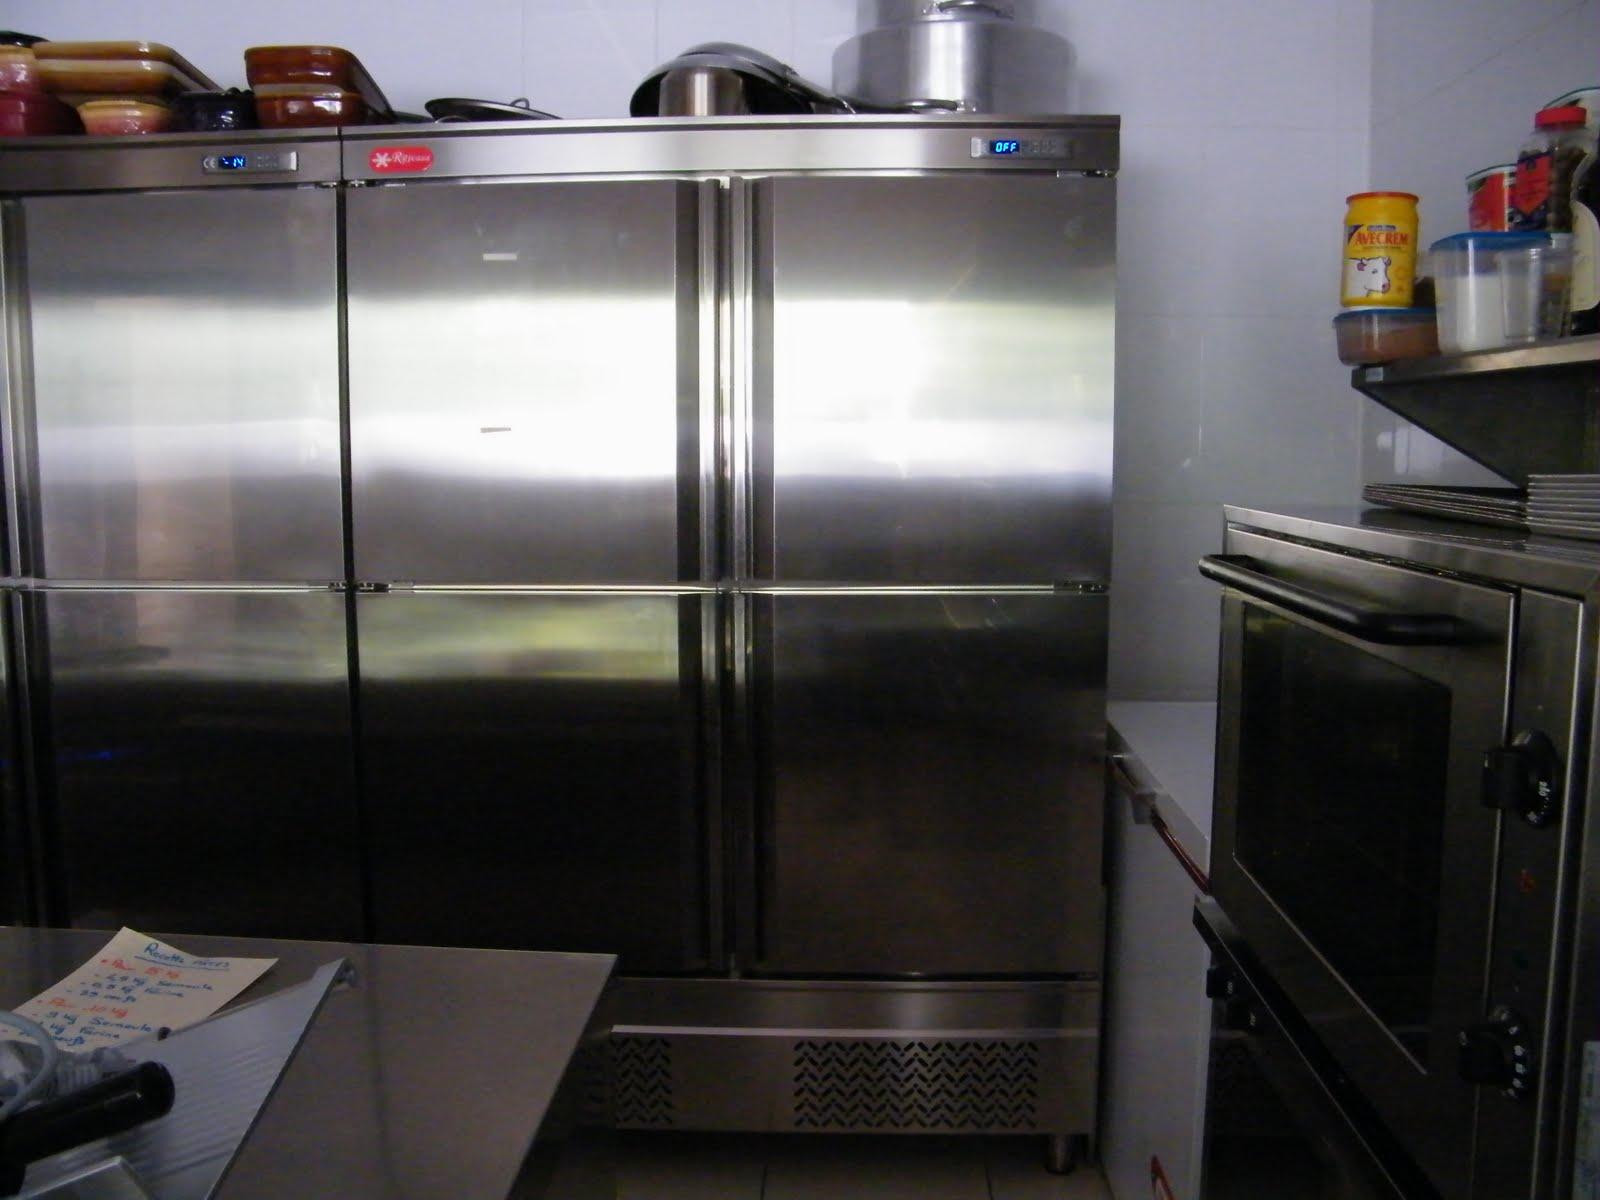 Venta material hosteleria segunda mano armario de refrigeraci n 4 puertas - Armarios 2 mano ...